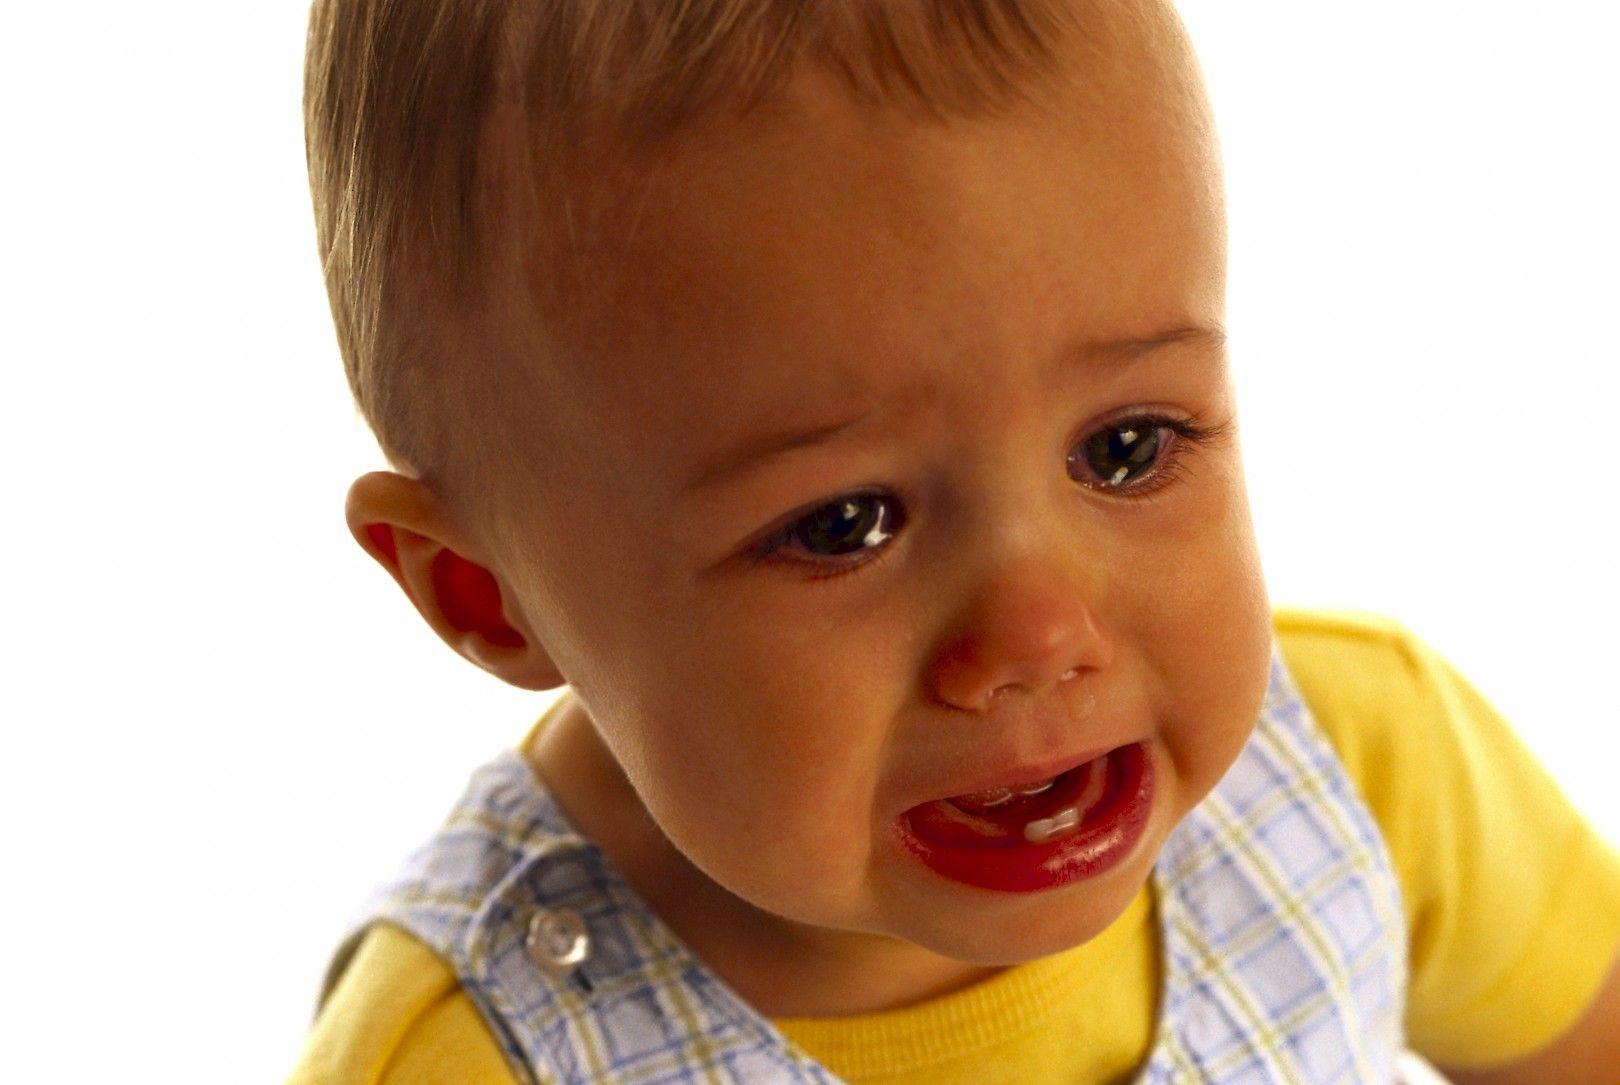 Как удержаться и не заплакать - wikiHow 41